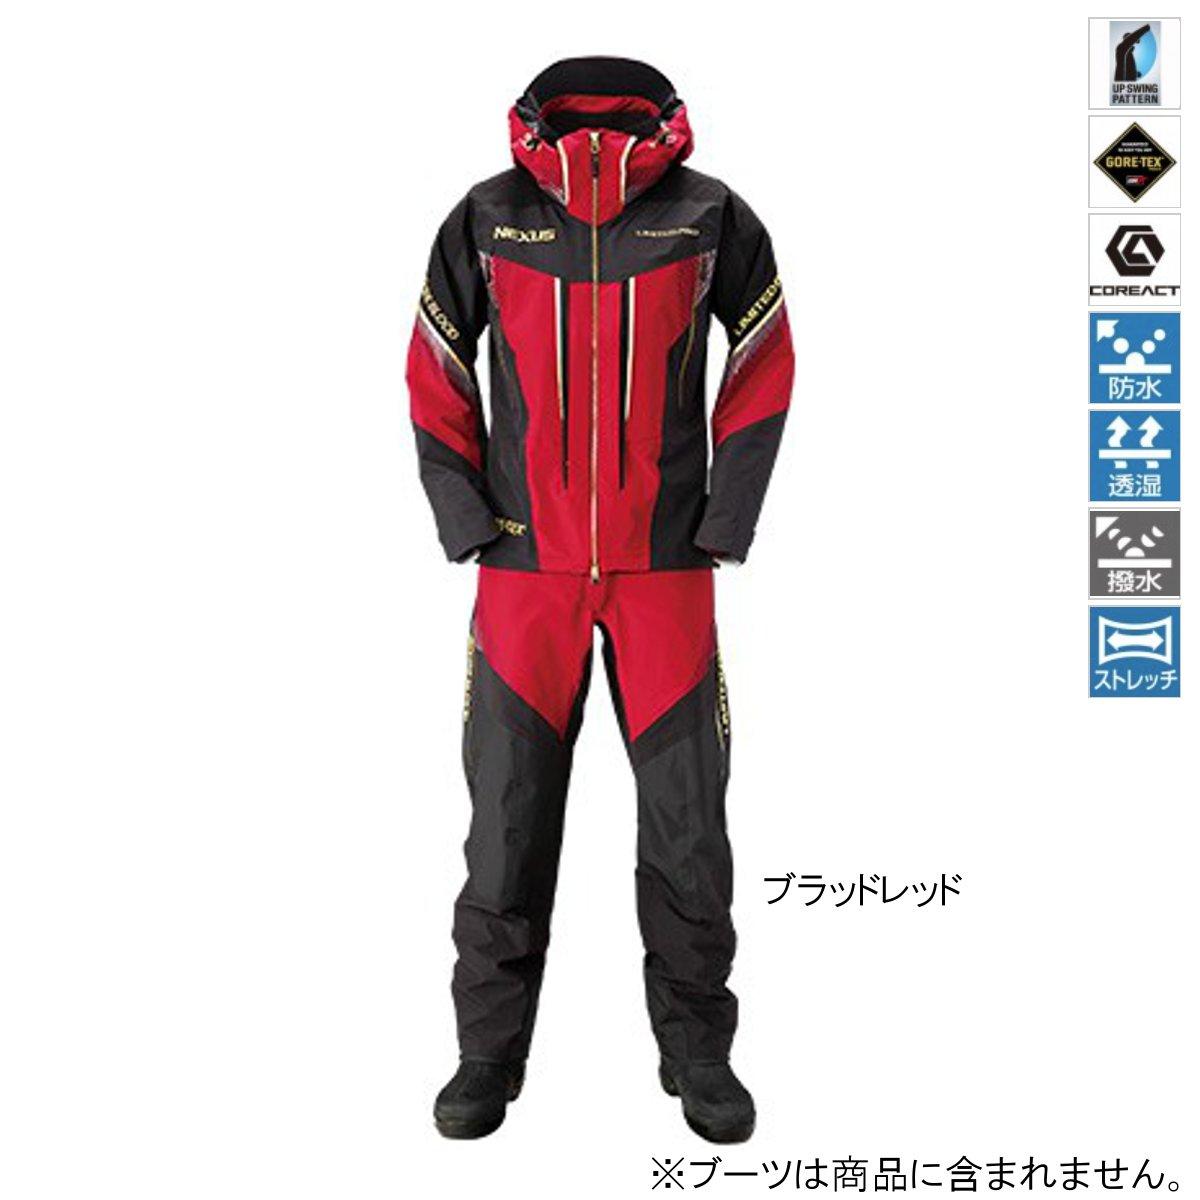 シマノ NEXUS・GORE-TEX レインスーツ LIMITED PRO RA-112S XL ブラッドレッド